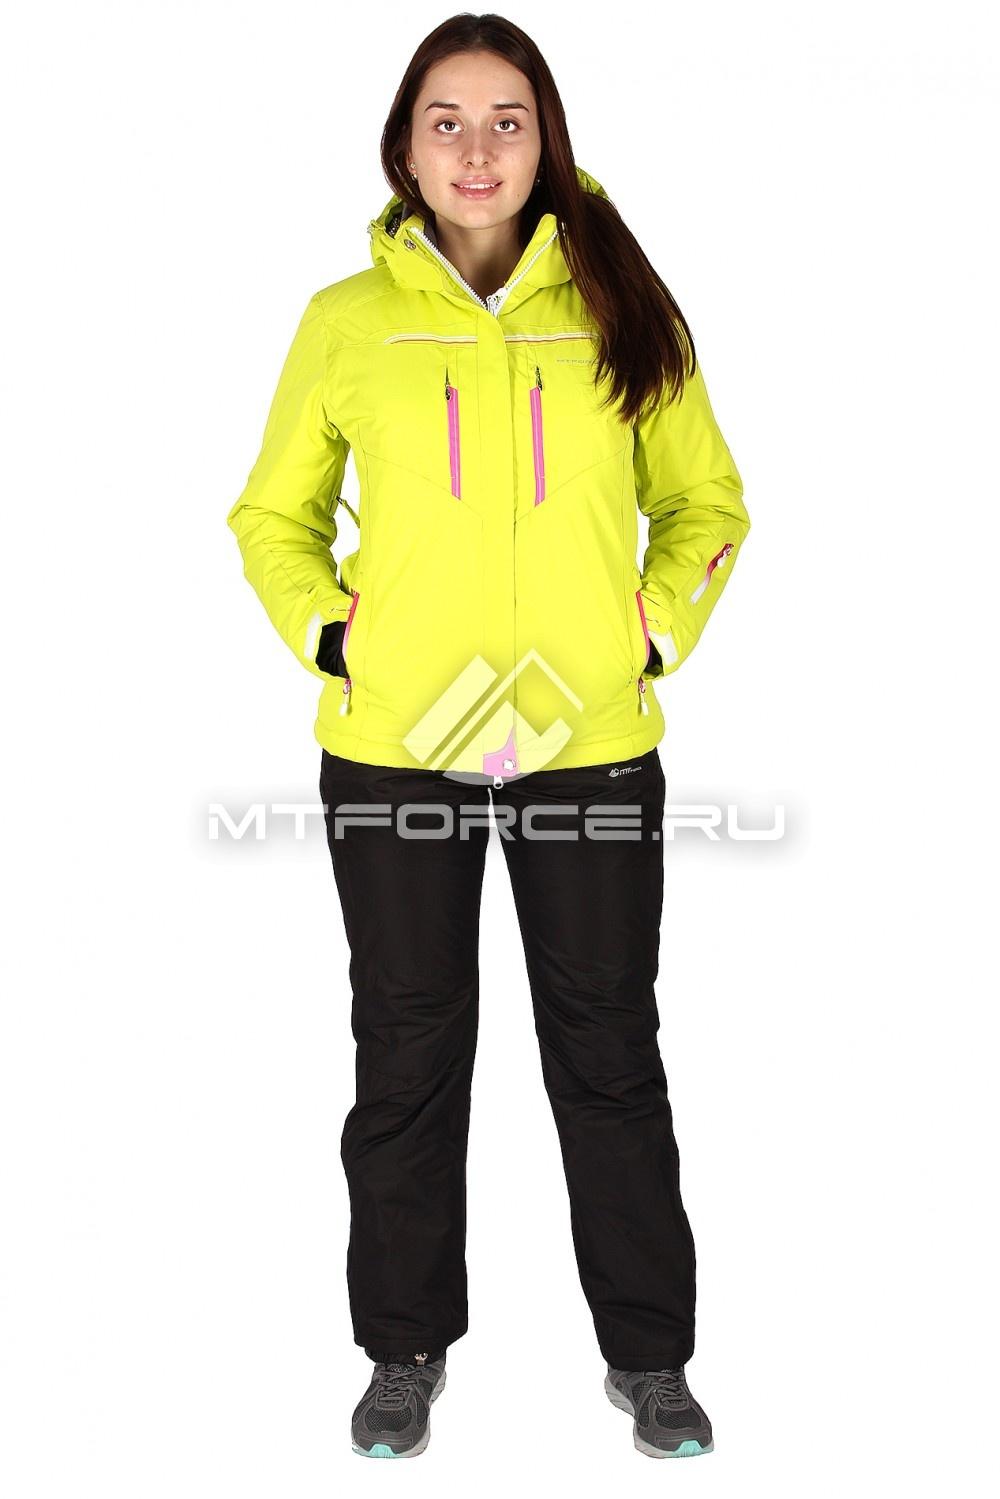 Желтый женский костюм купить доставка